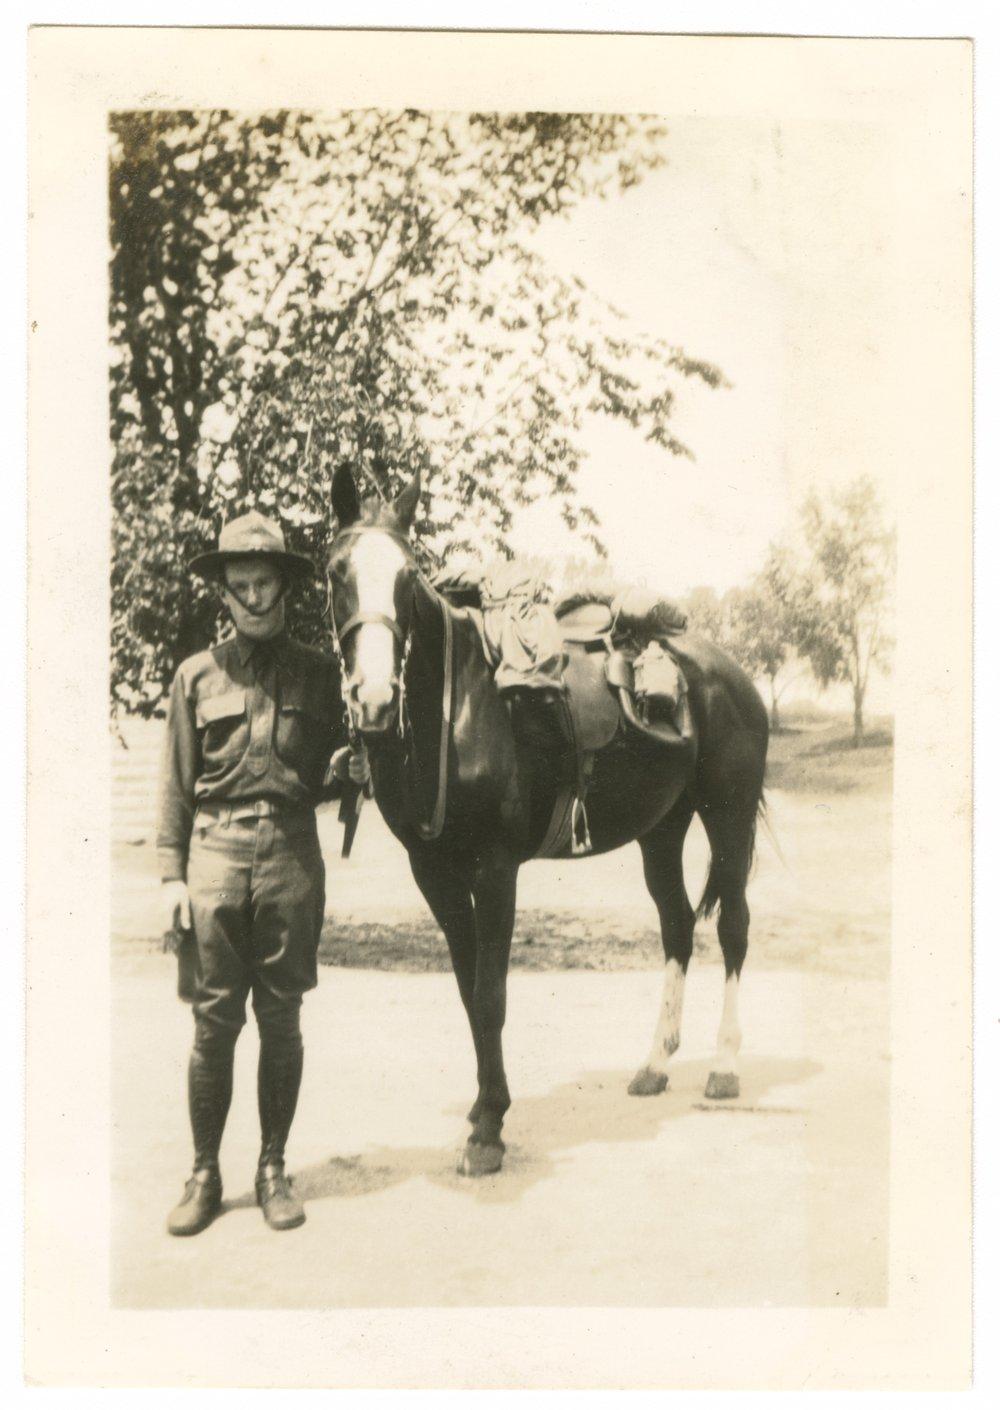 Horses and mules at Fort Riley, Kansas - 3